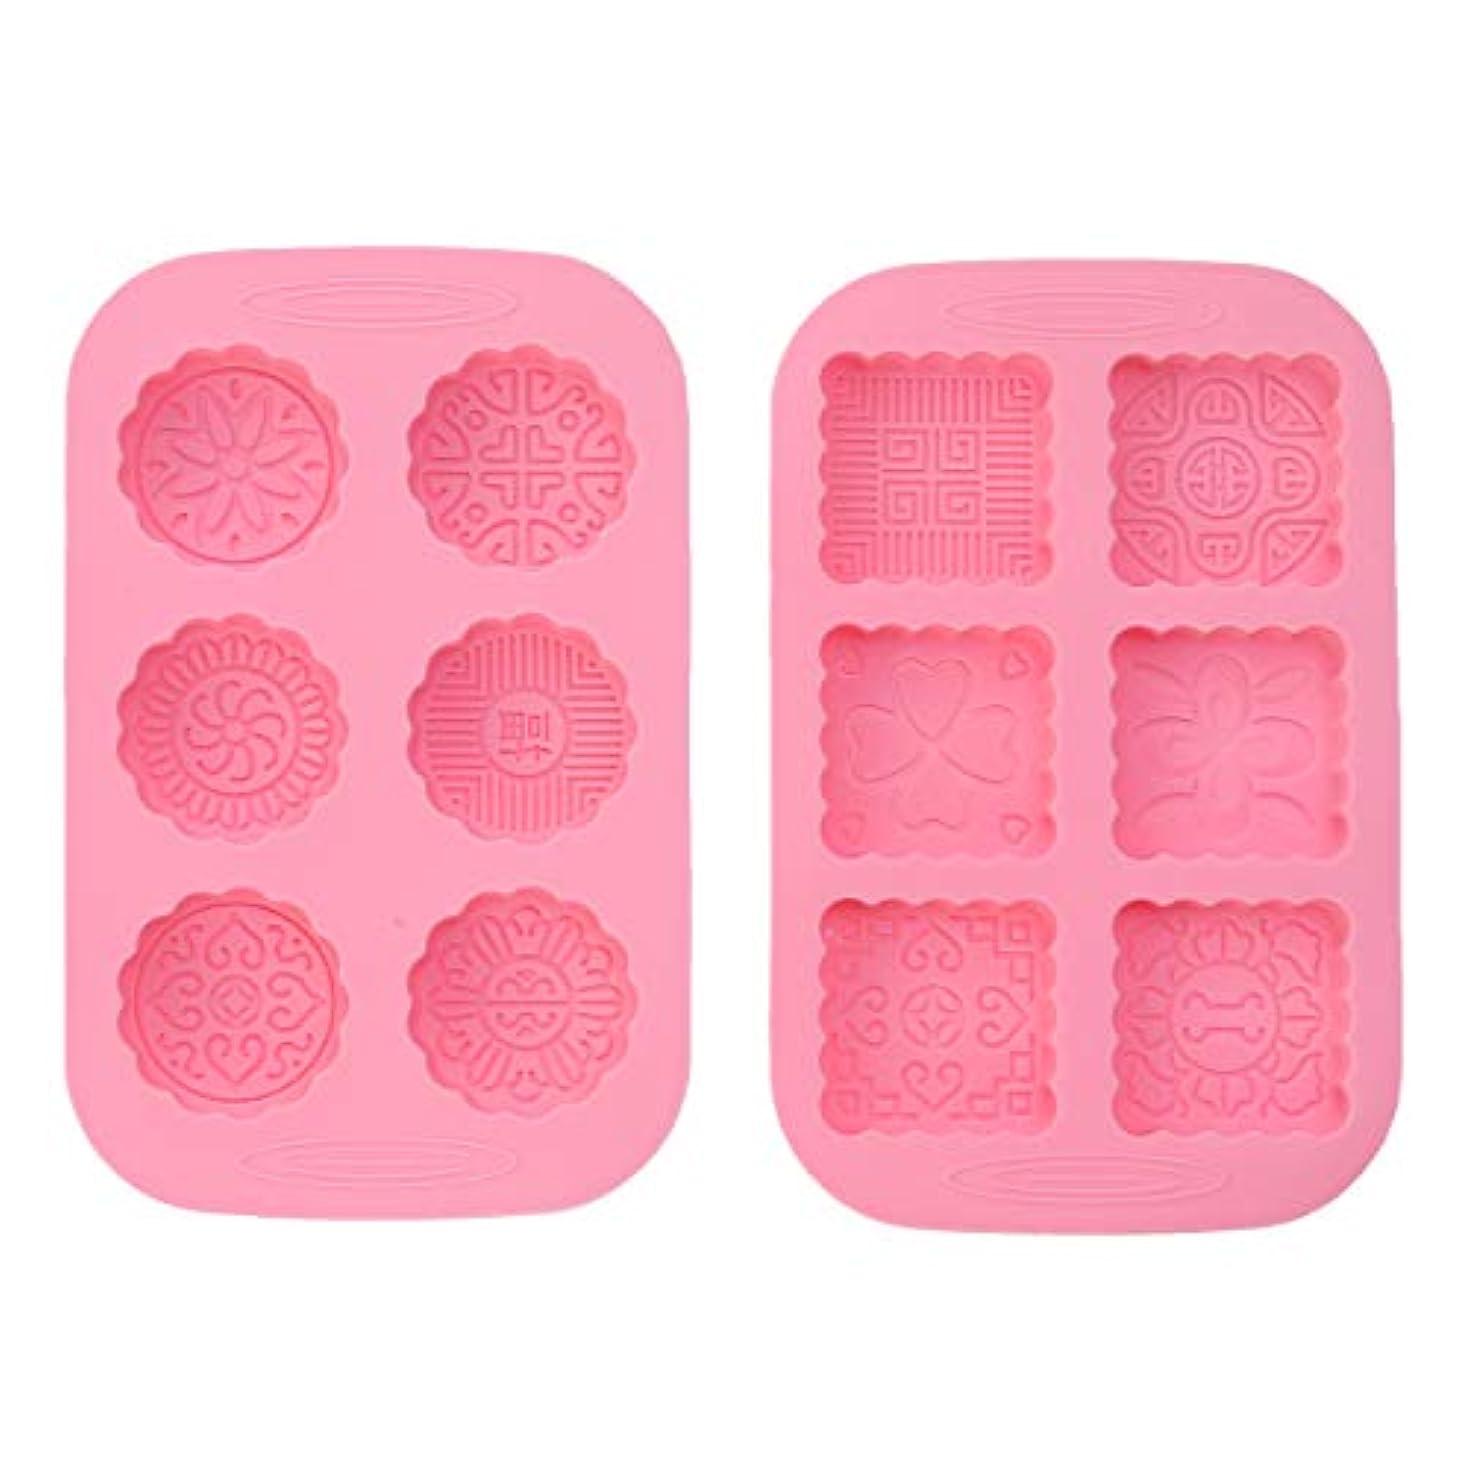 と組むローズ医薬品Healifty チョコレート石鹸パンのための2本の月餅型の花型(ピンク)